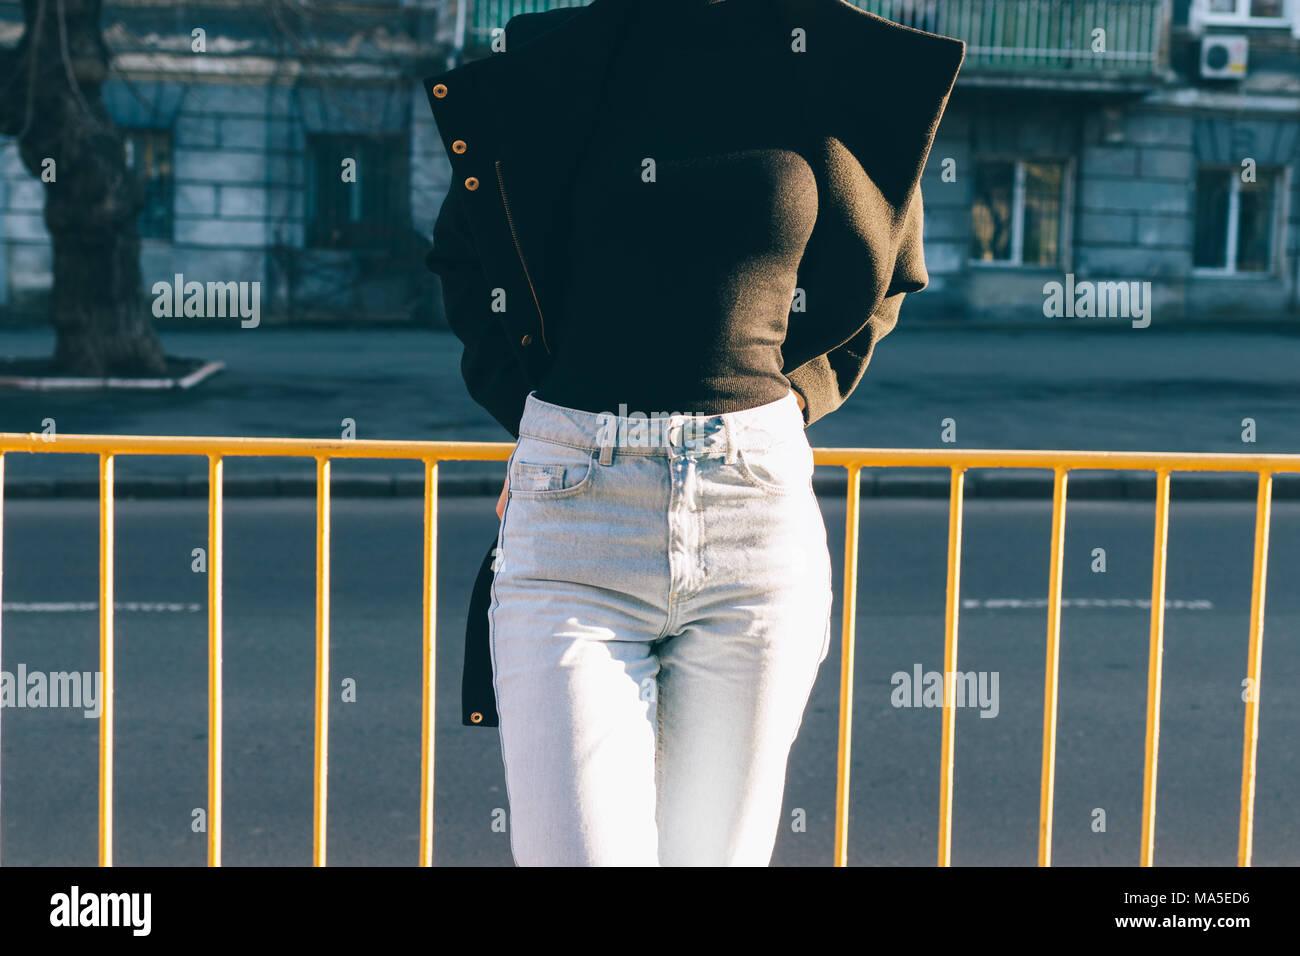 Moda Jeans Con Cintura Alta Cerrar Detalles Moda Mujer Esbelta Joven Vistiendo Pantalones Vaqueros Cuello Tortuga Negra Y Abrigo Fotografia De Stock Alamy